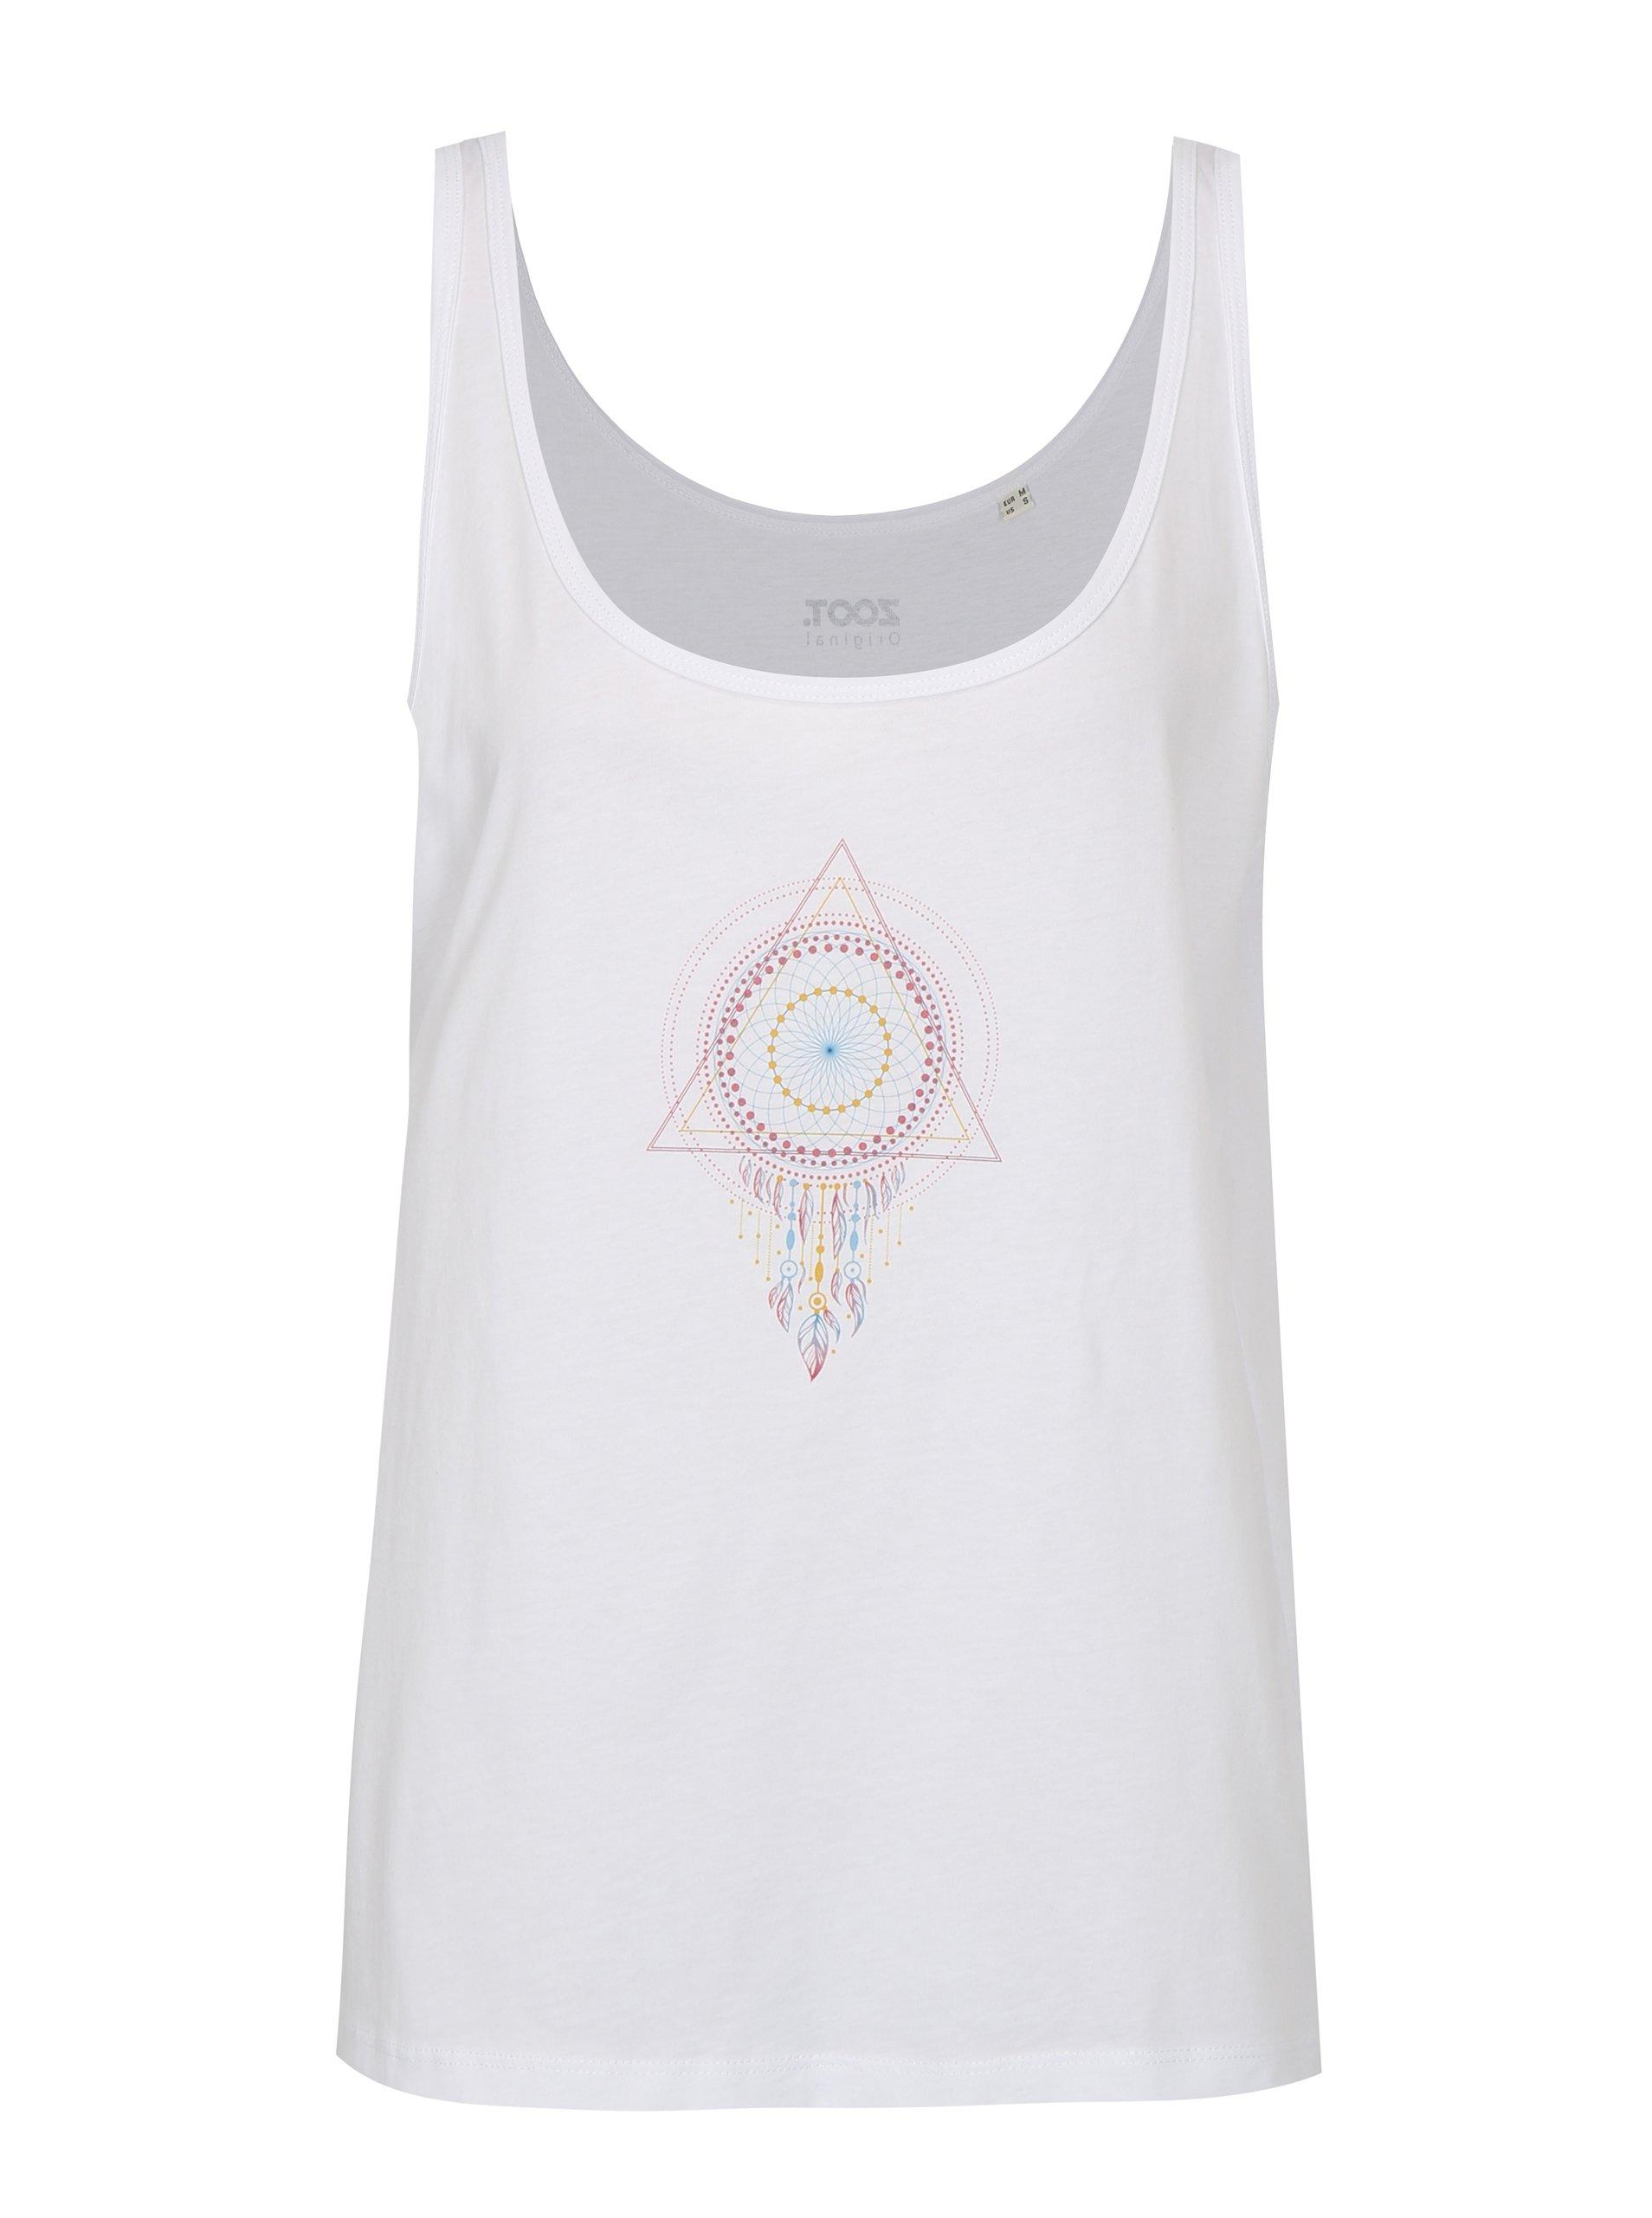 Bílé dámské volné tílko ZOOT Original Mandala